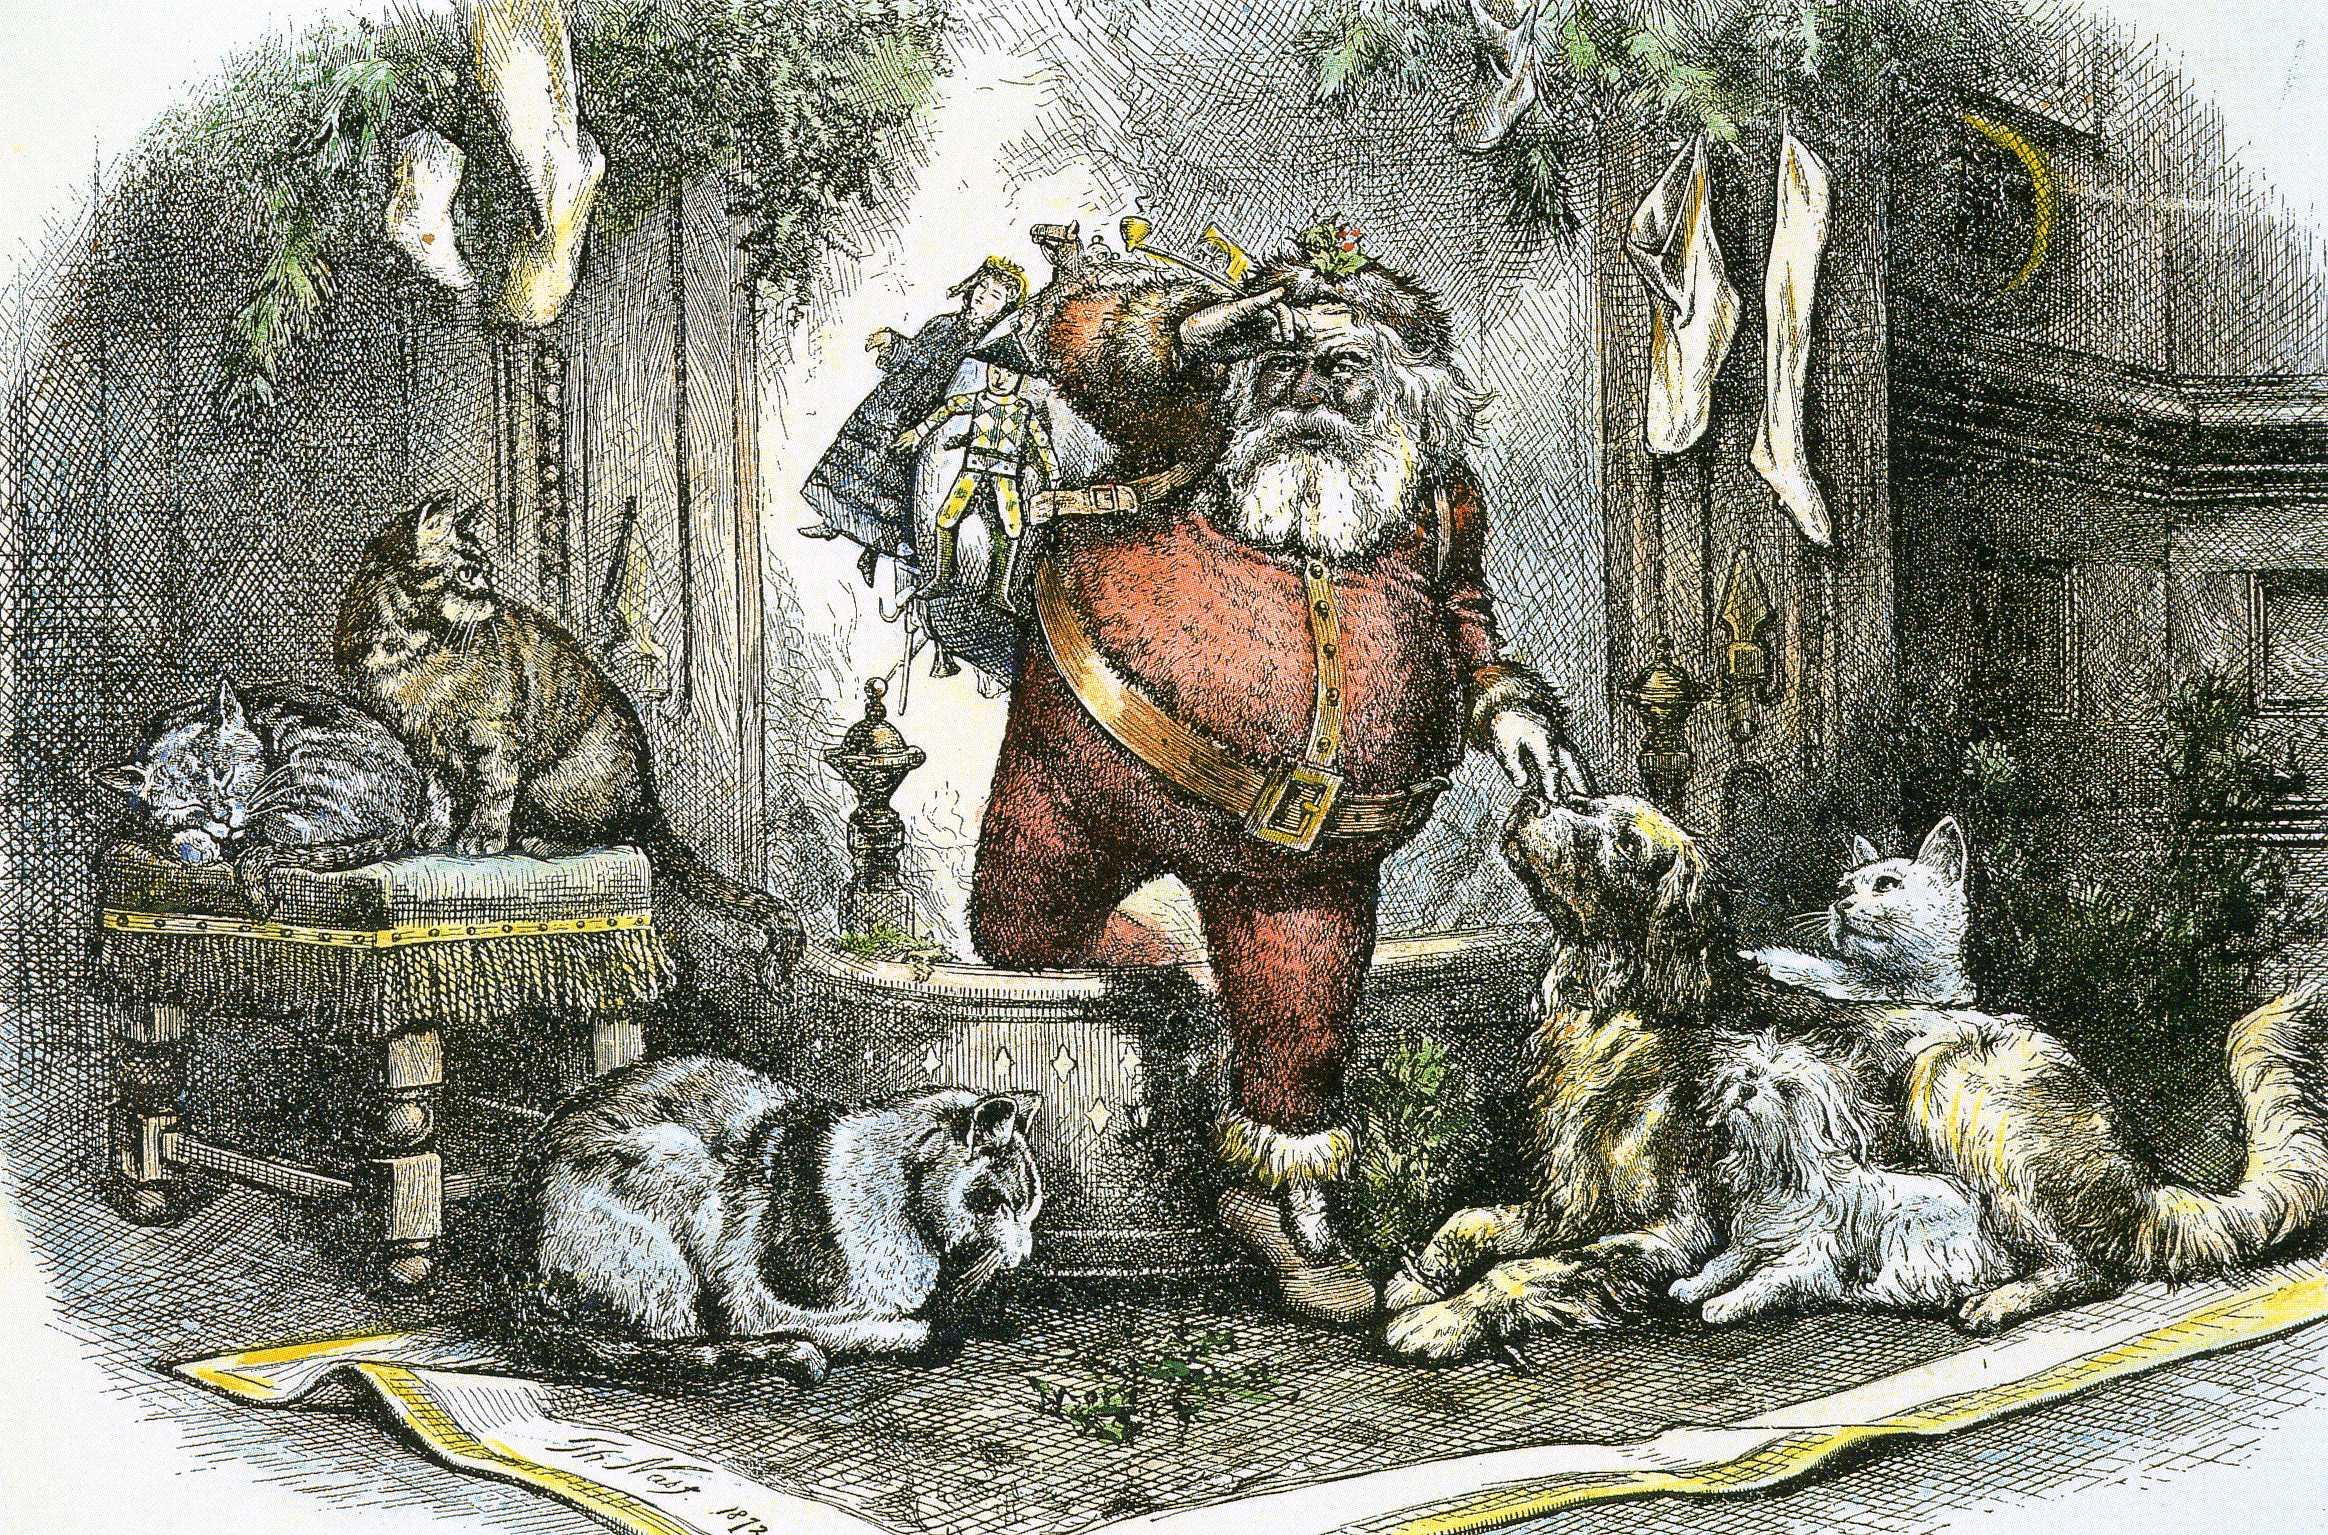 The Coming of Santa Clause (Thomas Nast, 1872)